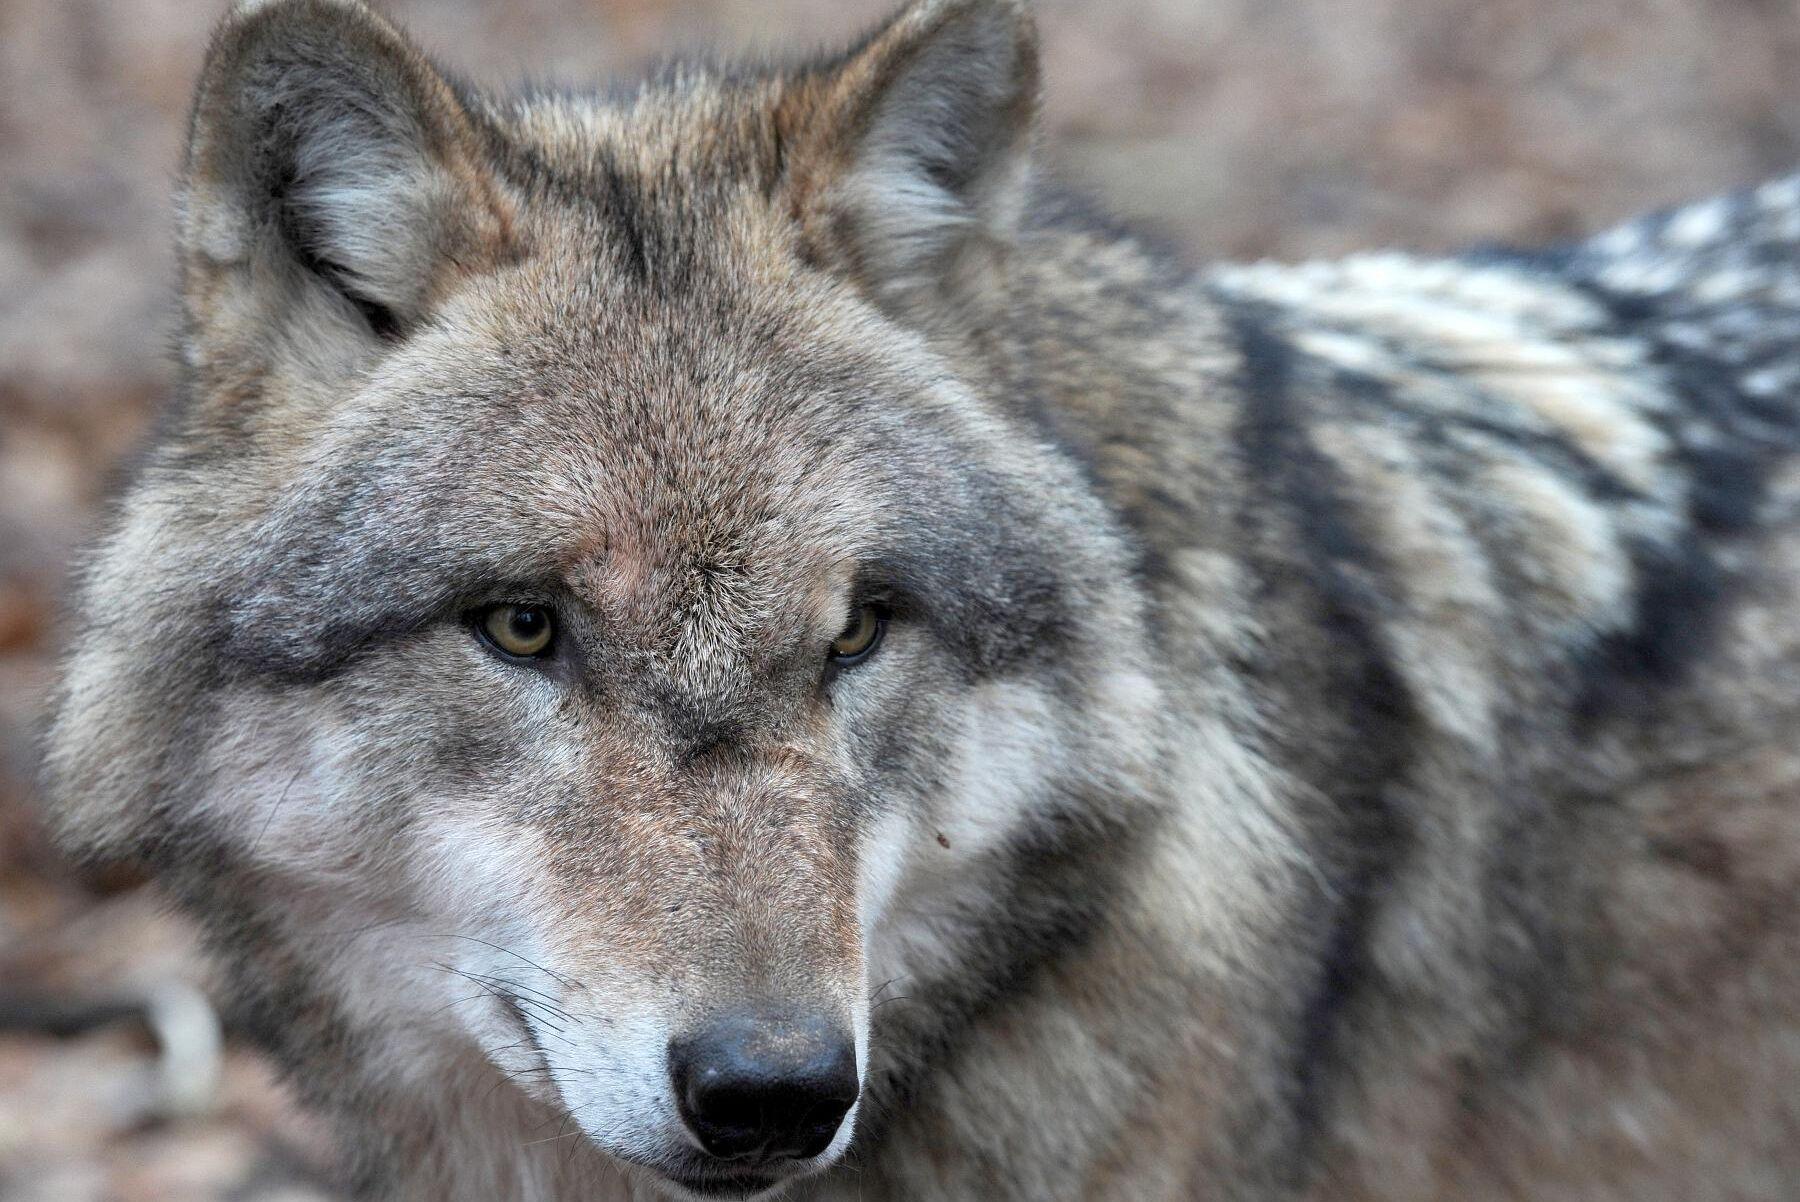 En ung varg från det så kallade Siggeforareviret misstänks ligga bakom angreppet på får i Tärnsjö. Arkivbild.